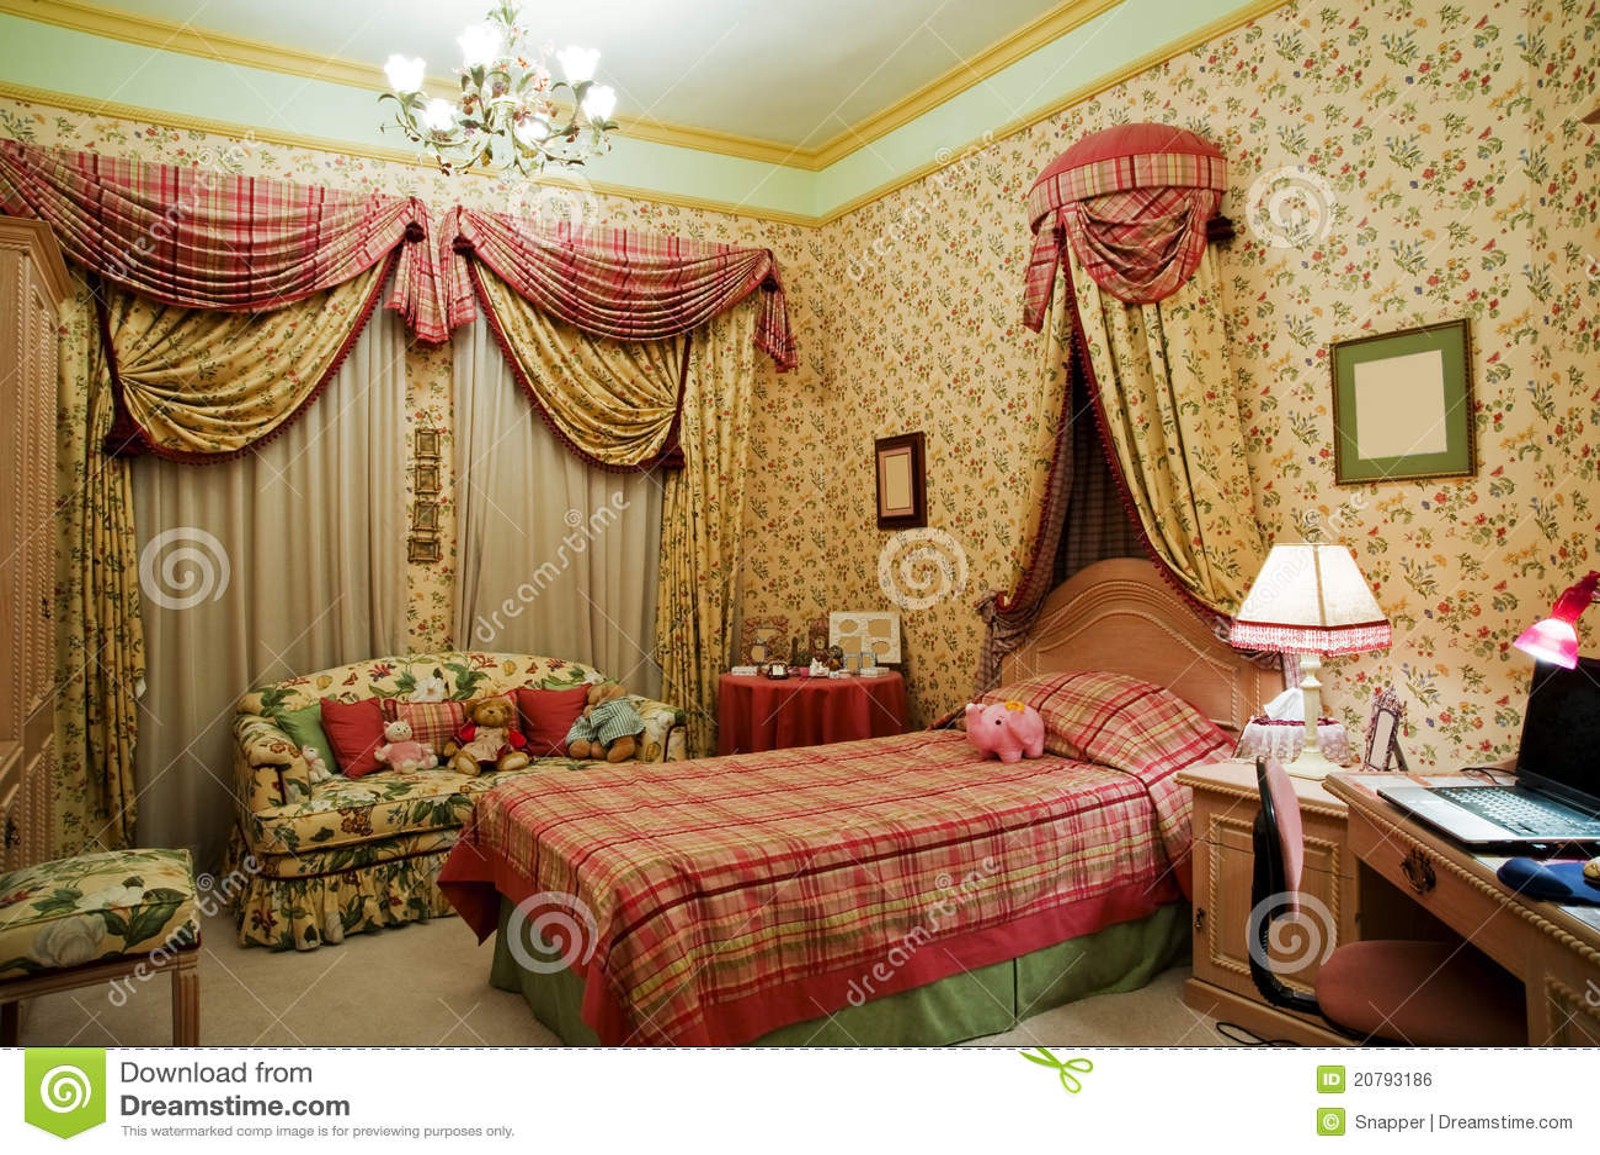 De slaapkamer van meisjes royalty vrije stock afbeelding afbeelding 20793186 - Meisjes slaapkamer deco ...